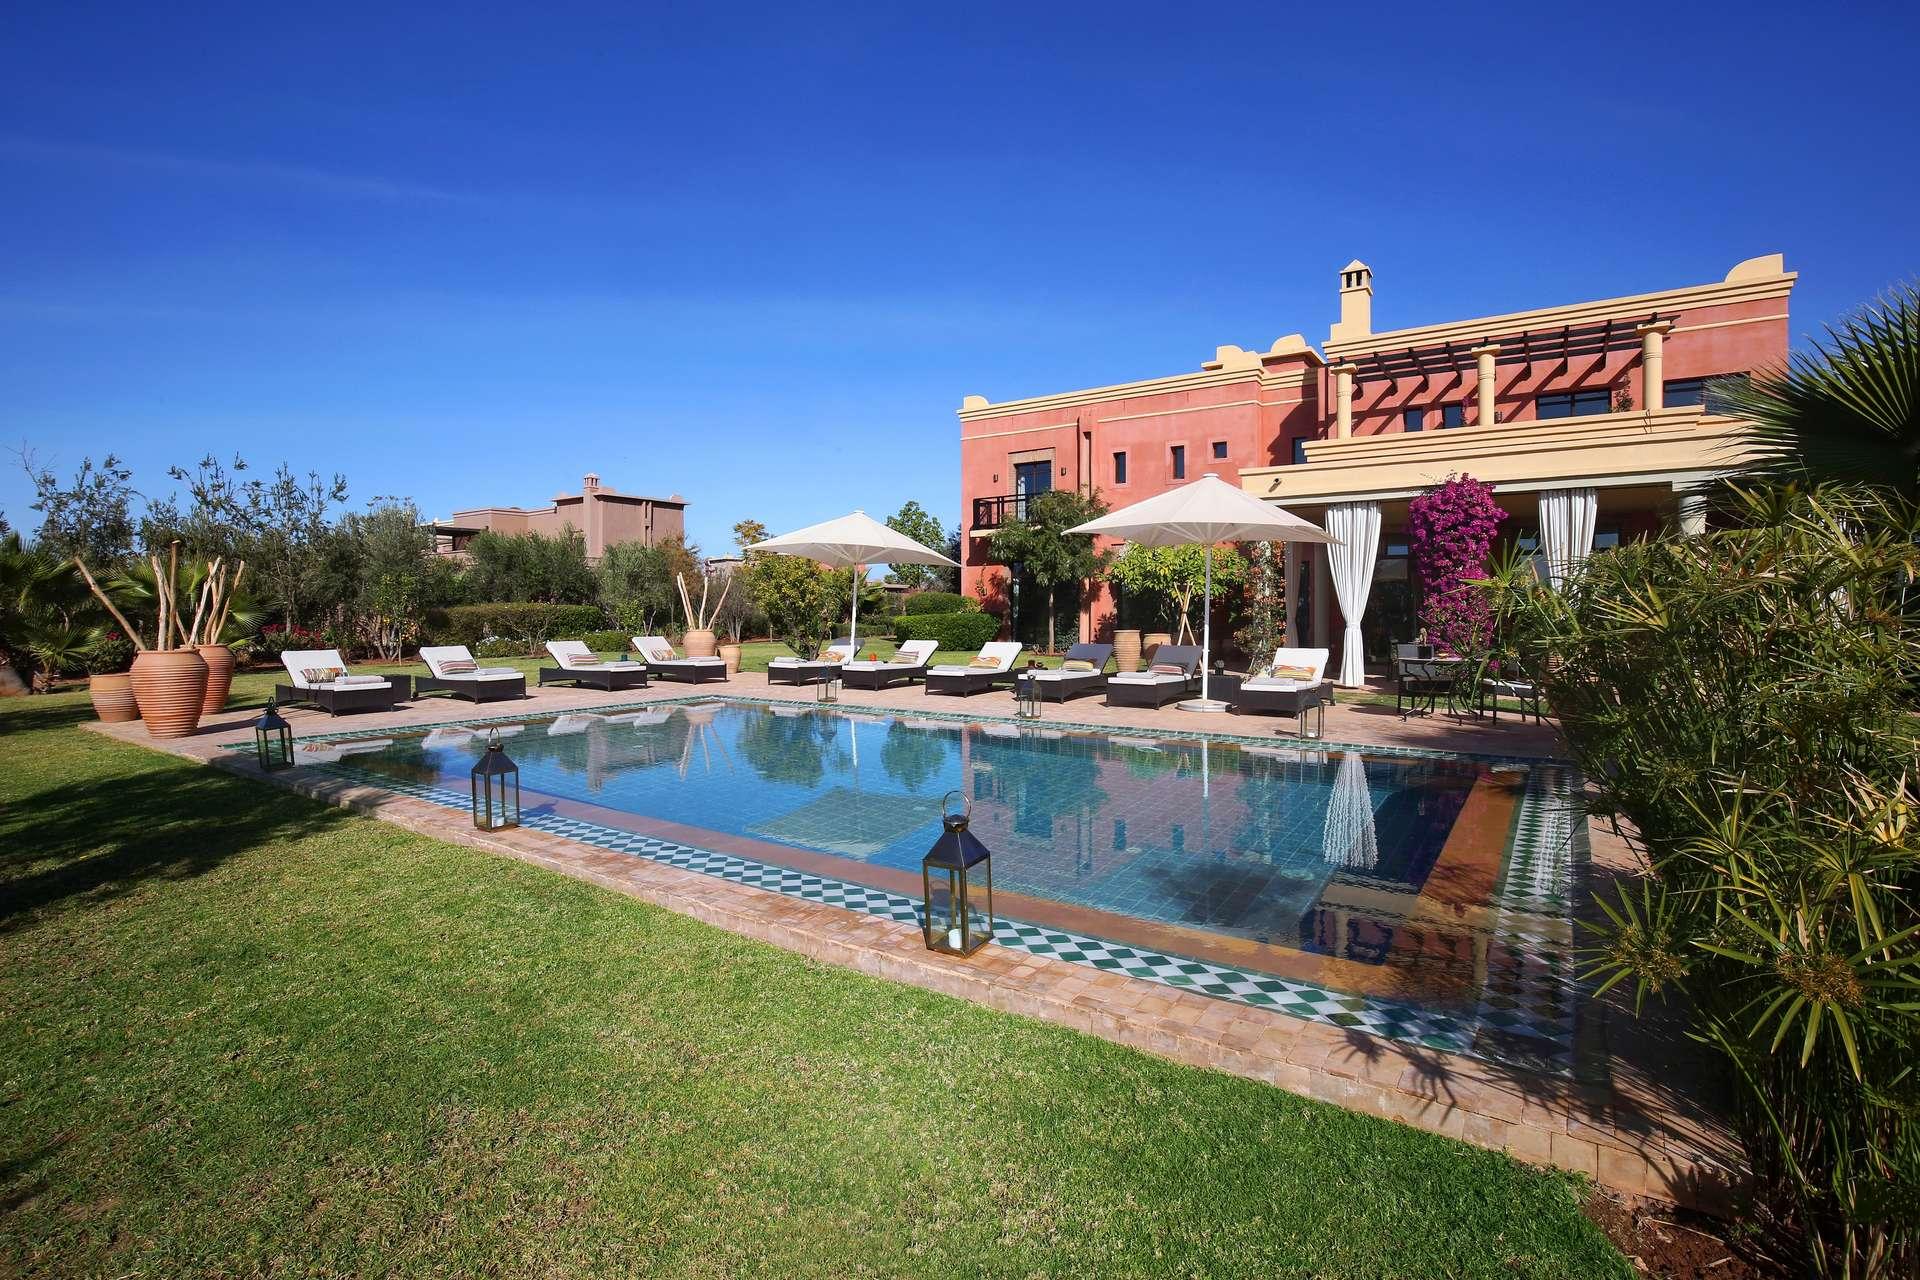 Luxury villa rentals africa - Morocco - Marrakesh - No location 4 - Bougainvilliers - Image 1/18